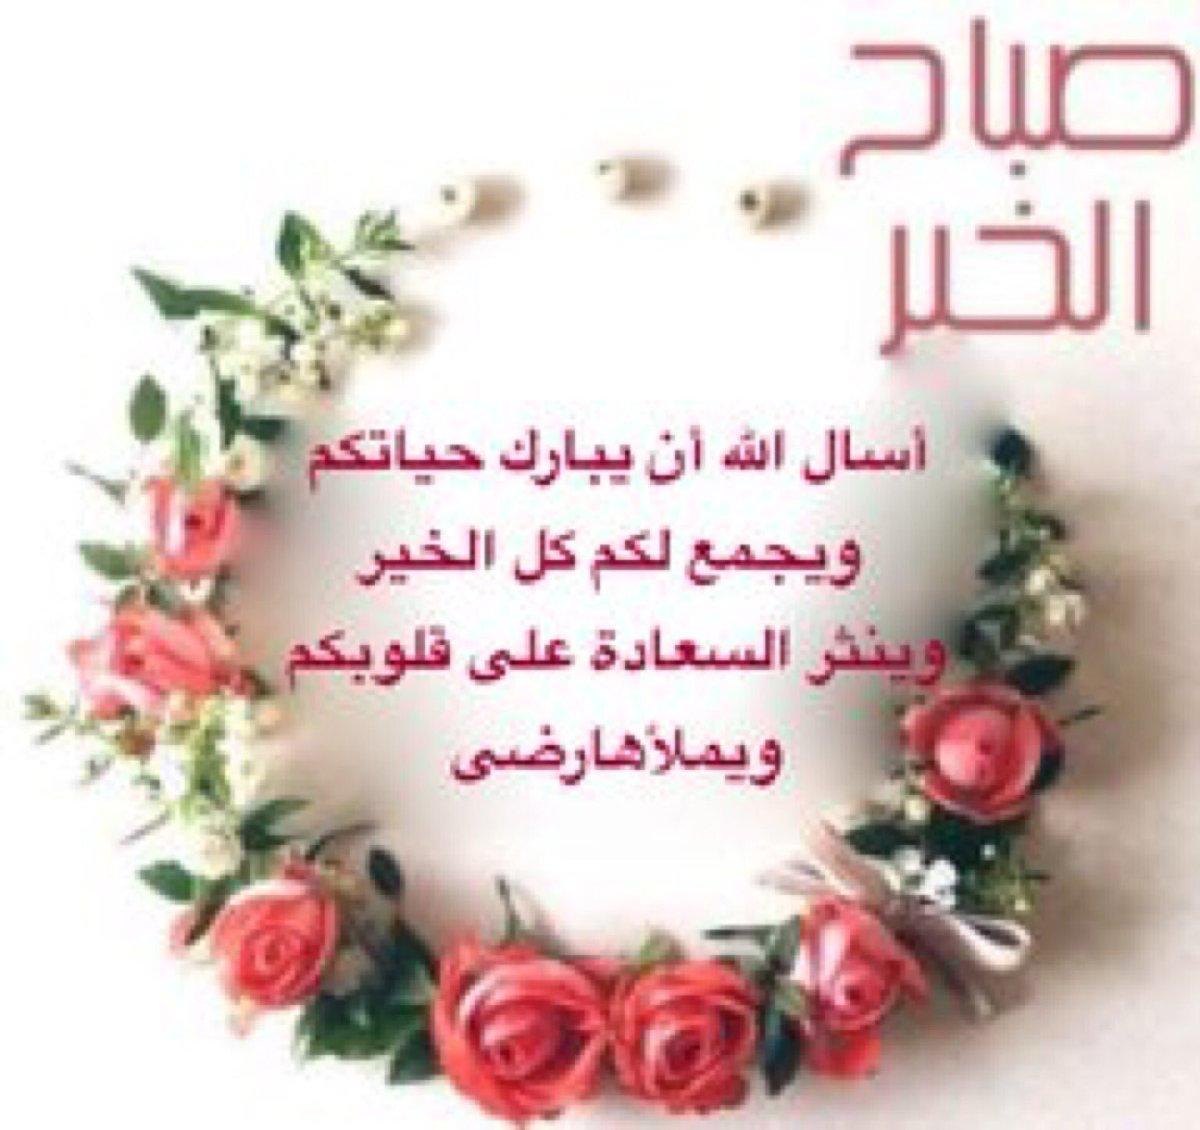 كلام عن صباح اجمل ما قيل عن الصباح حنين الذكريات